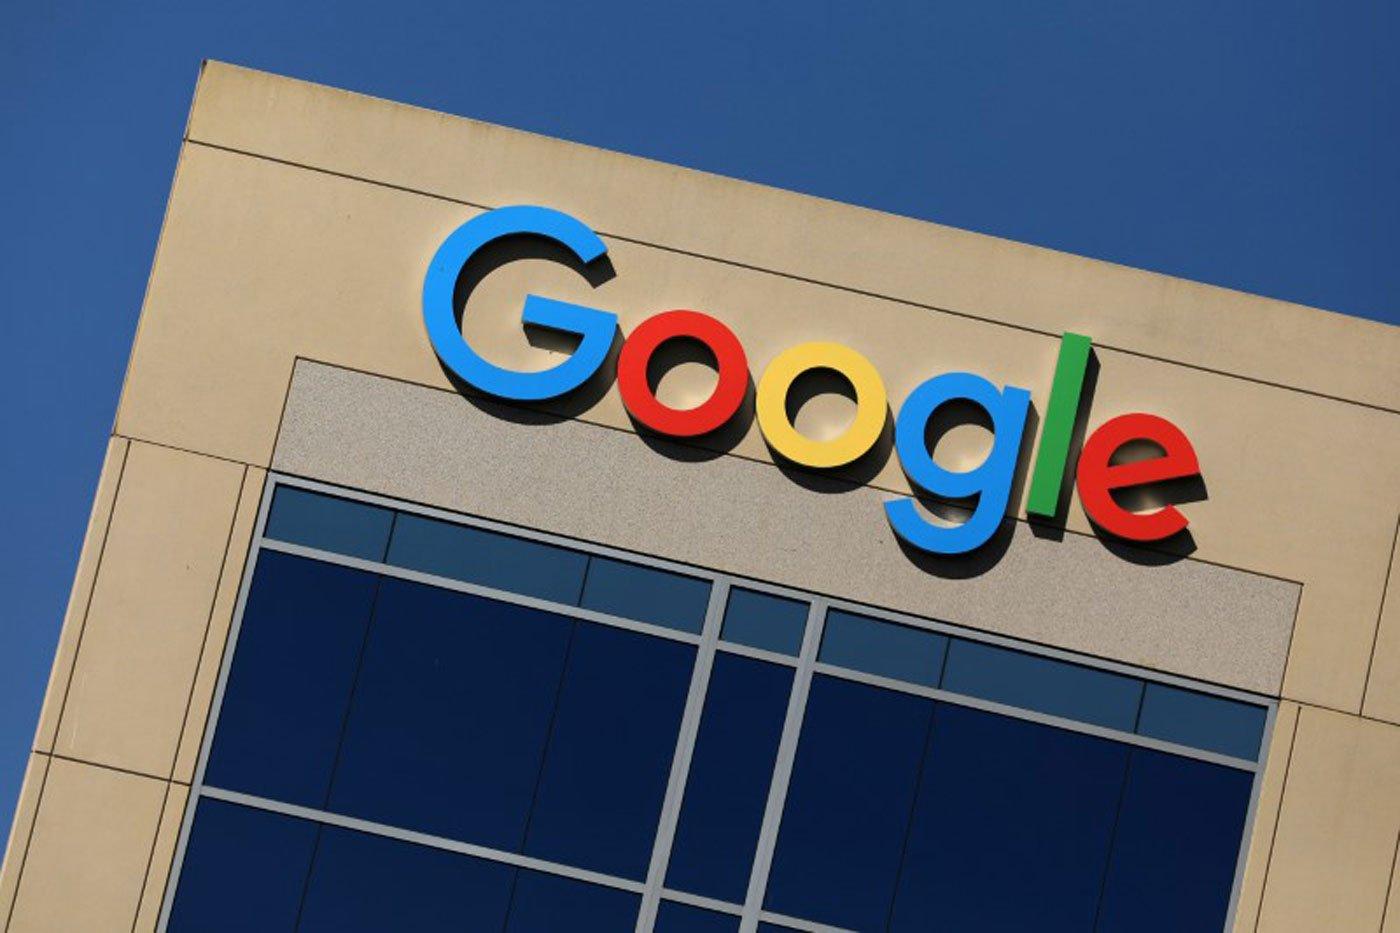 Google abrirá en Pekín su primer Centro de Inteligencia Artificial de Asia